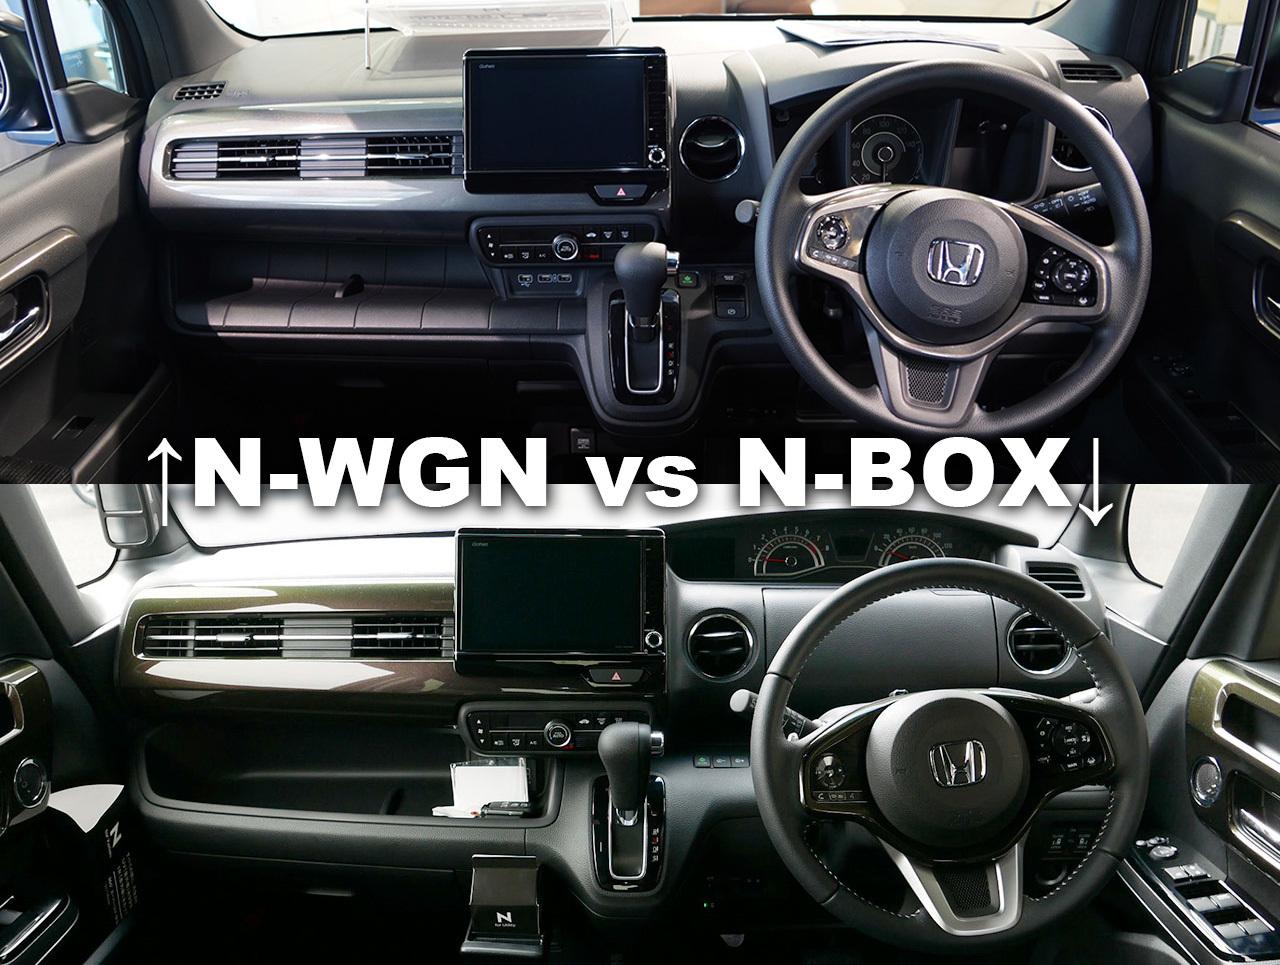 N-WGNvsN-BOX.jpg